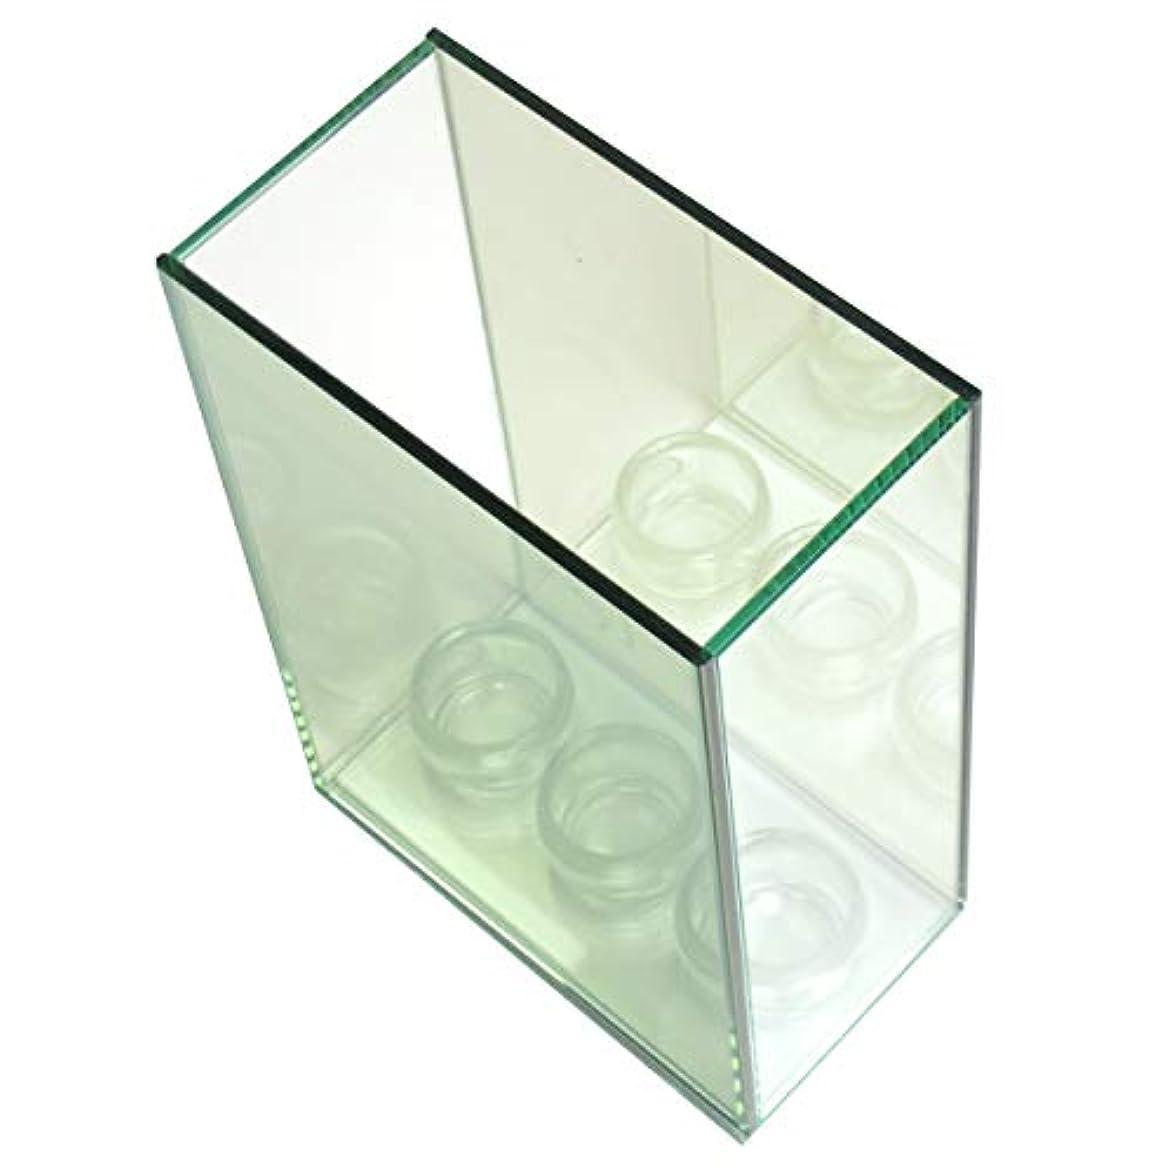 関数であること再発する無限連鎖キャンドルホルダー 3連 ガラス キャンドルスタンド ランタン 誕生日 ティーライトキャンドル